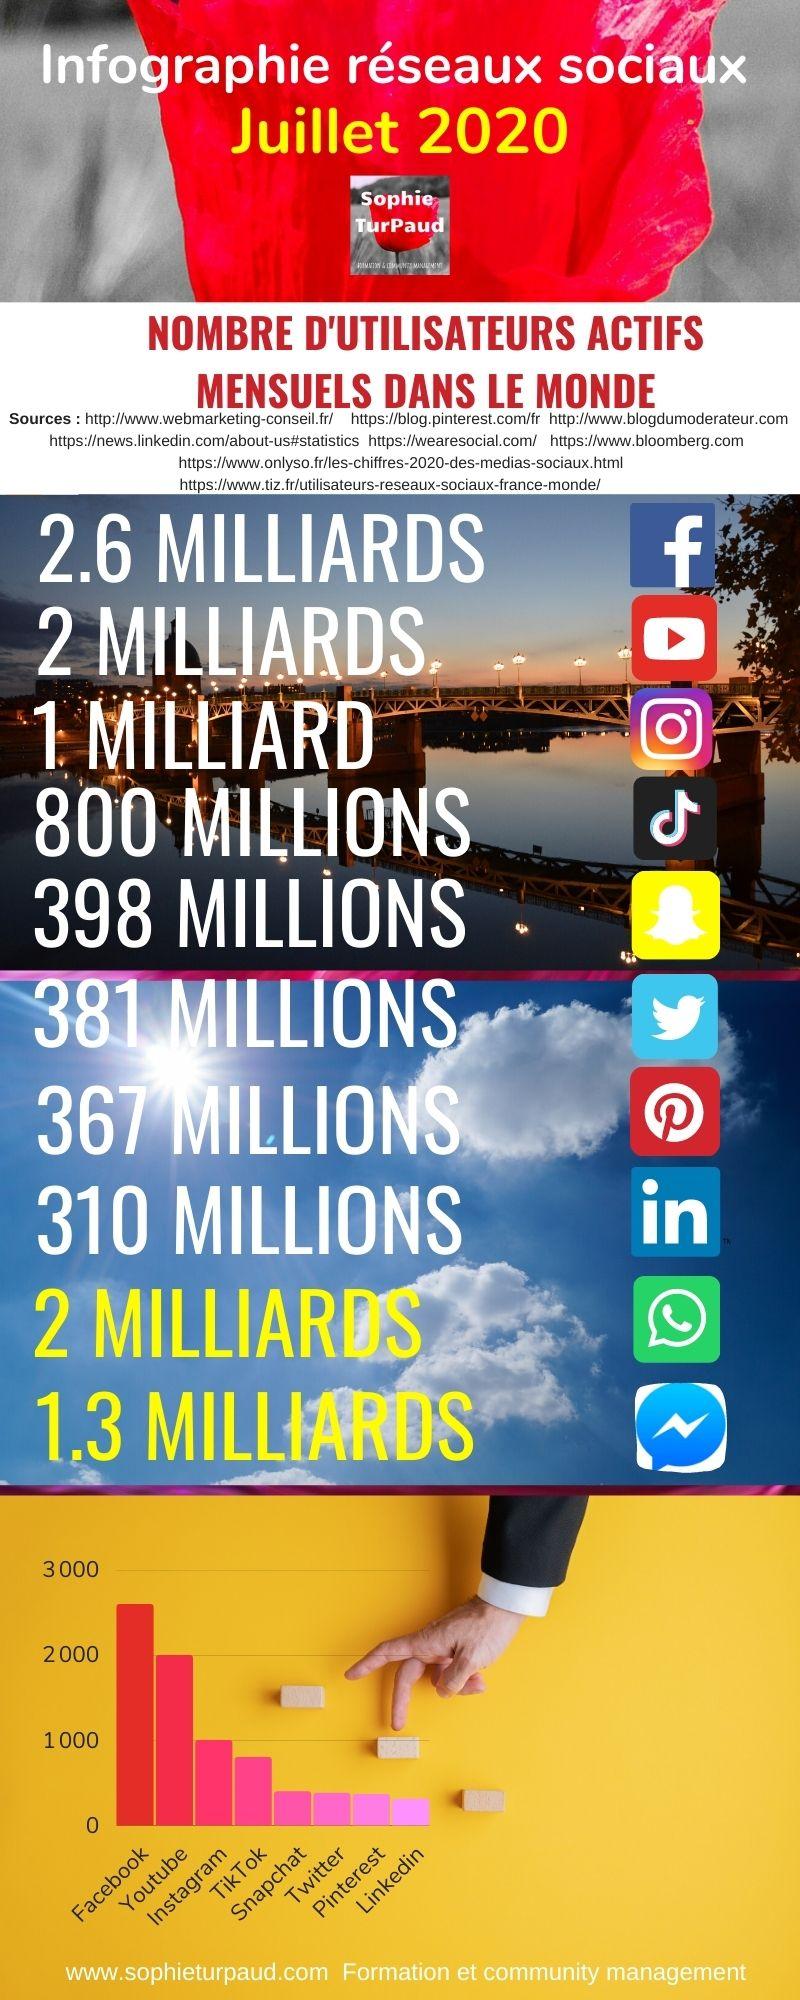 Infographie chiffres réseaux sociaux 2020 via @sophieturpaud